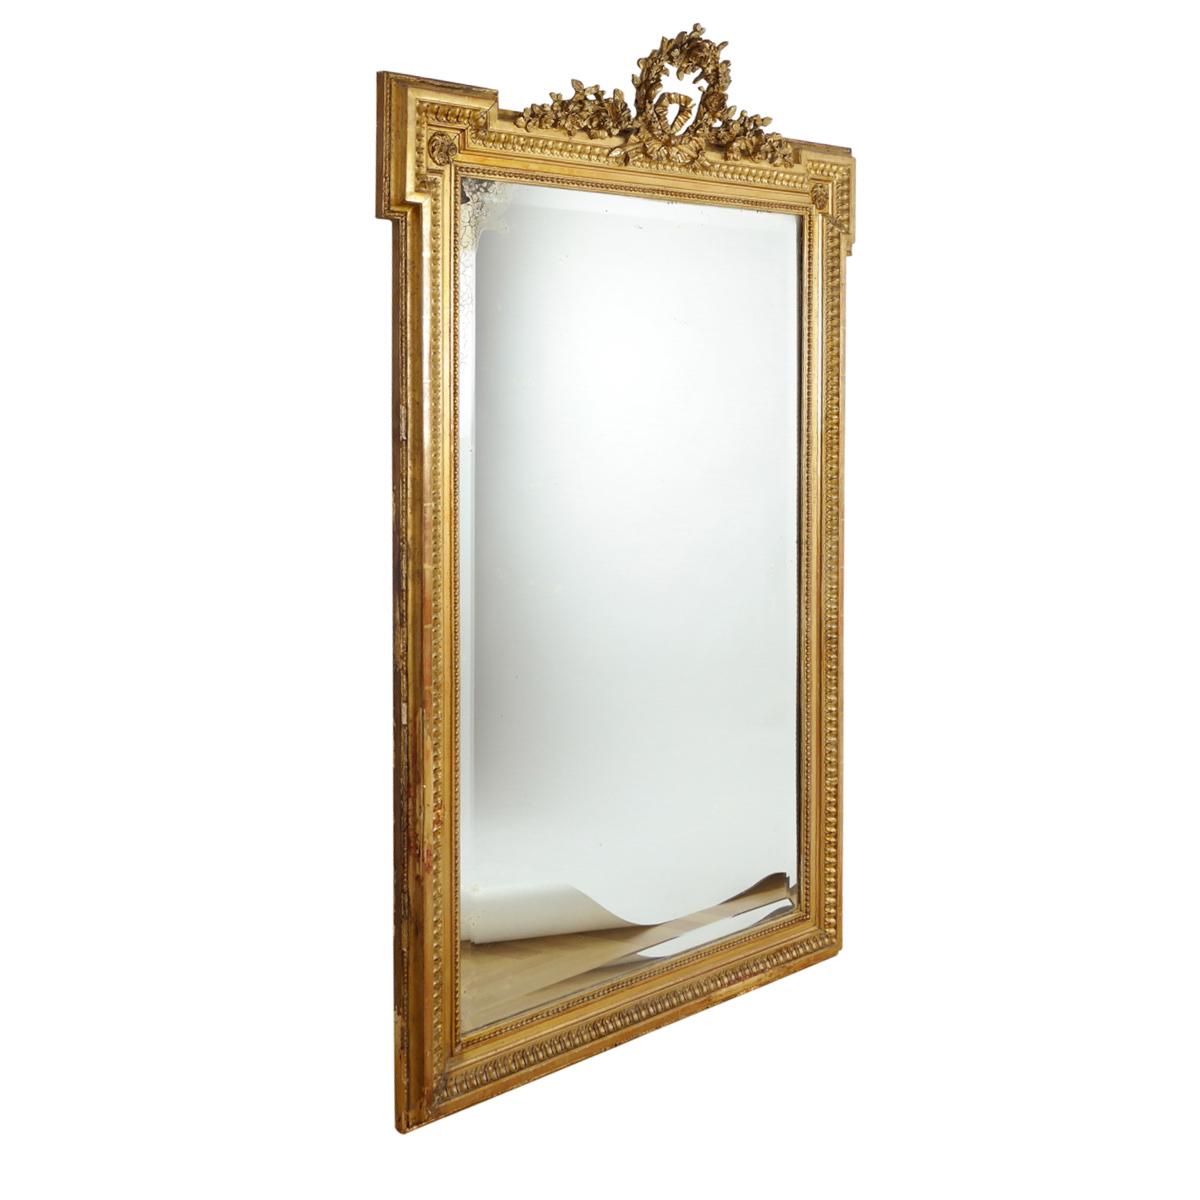 18. Jahrhundert Französischer Louis-Seize Spiegel 0